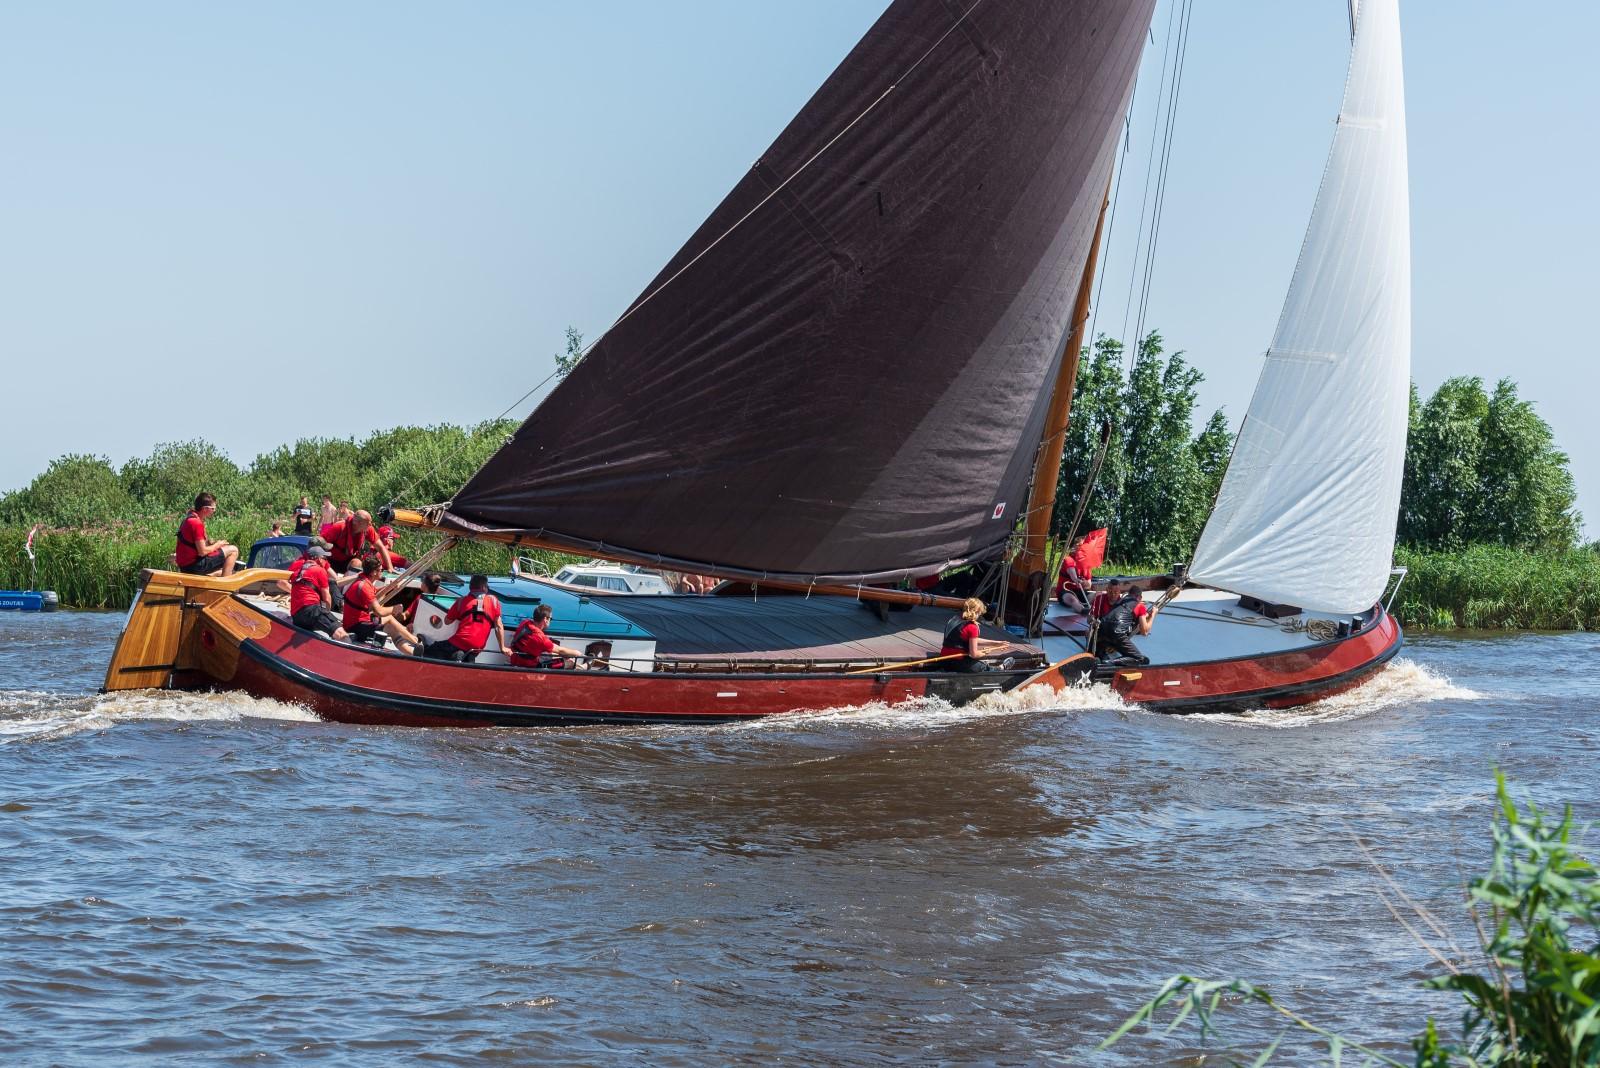 Personeelsreis Friesland Personeelsreizen 2